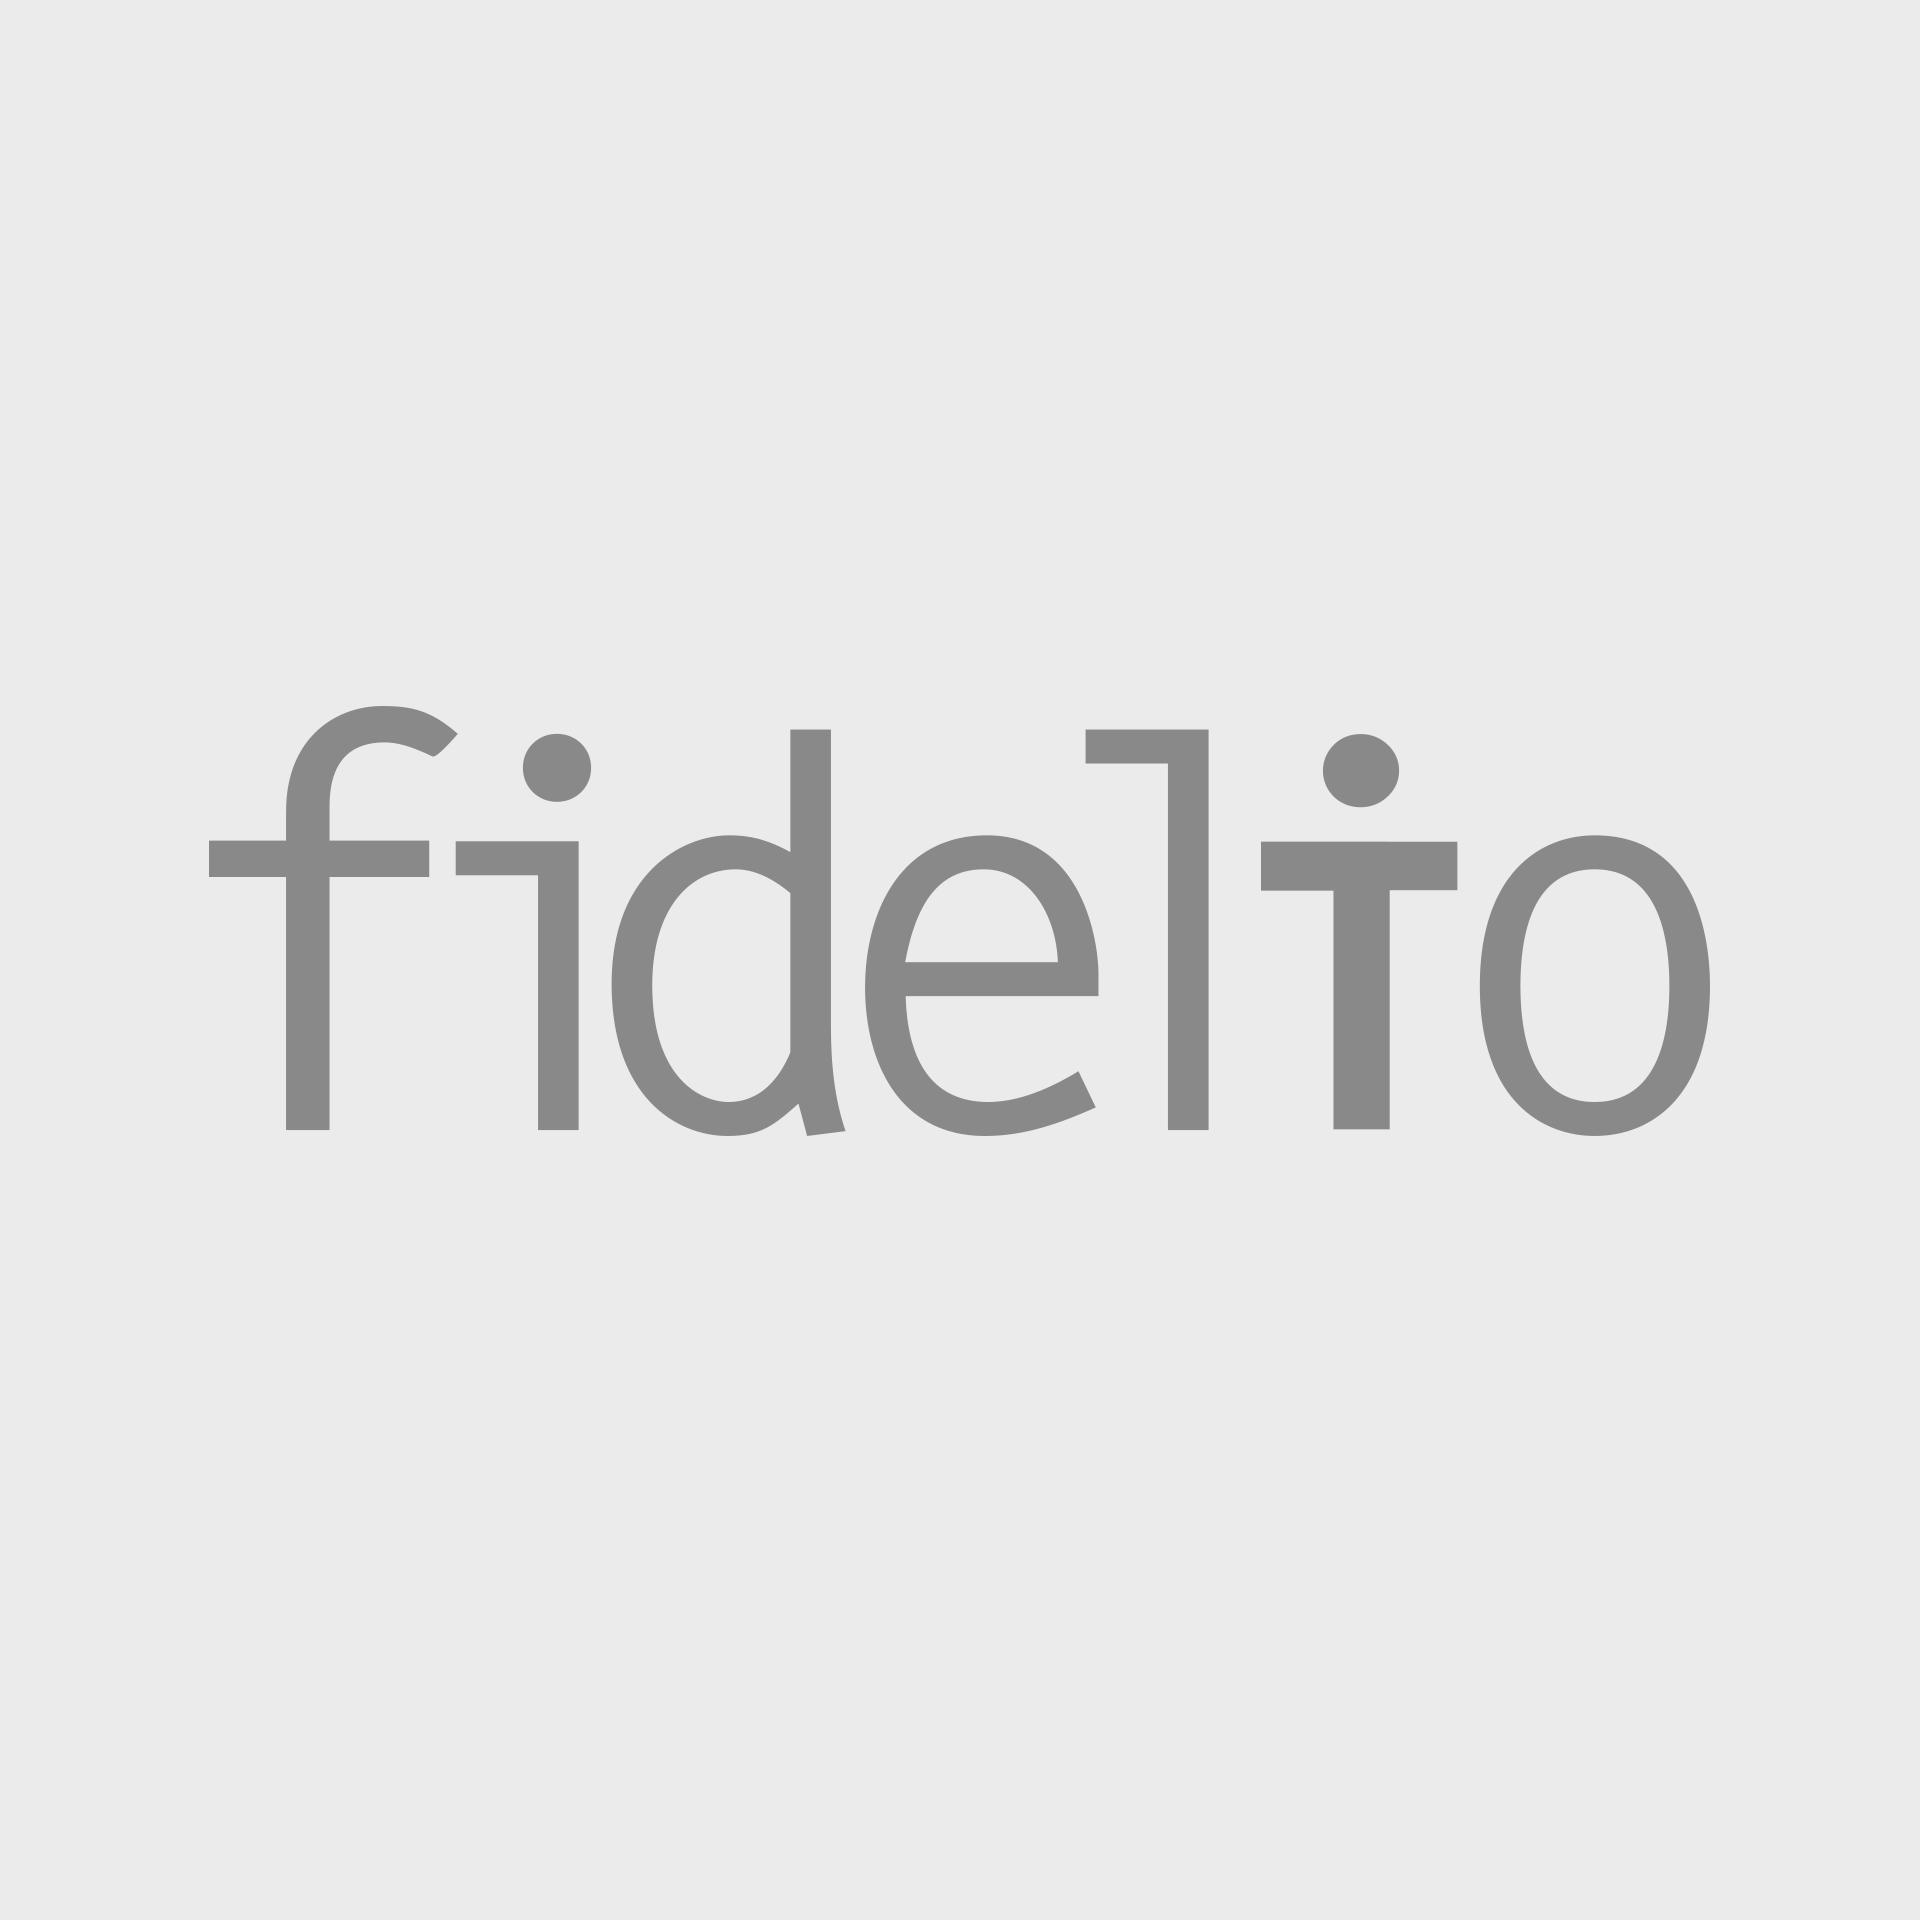 ec4c015c9a 40 híres női karakter eredeti forgatókönyvi leírása - Fidelio.hu